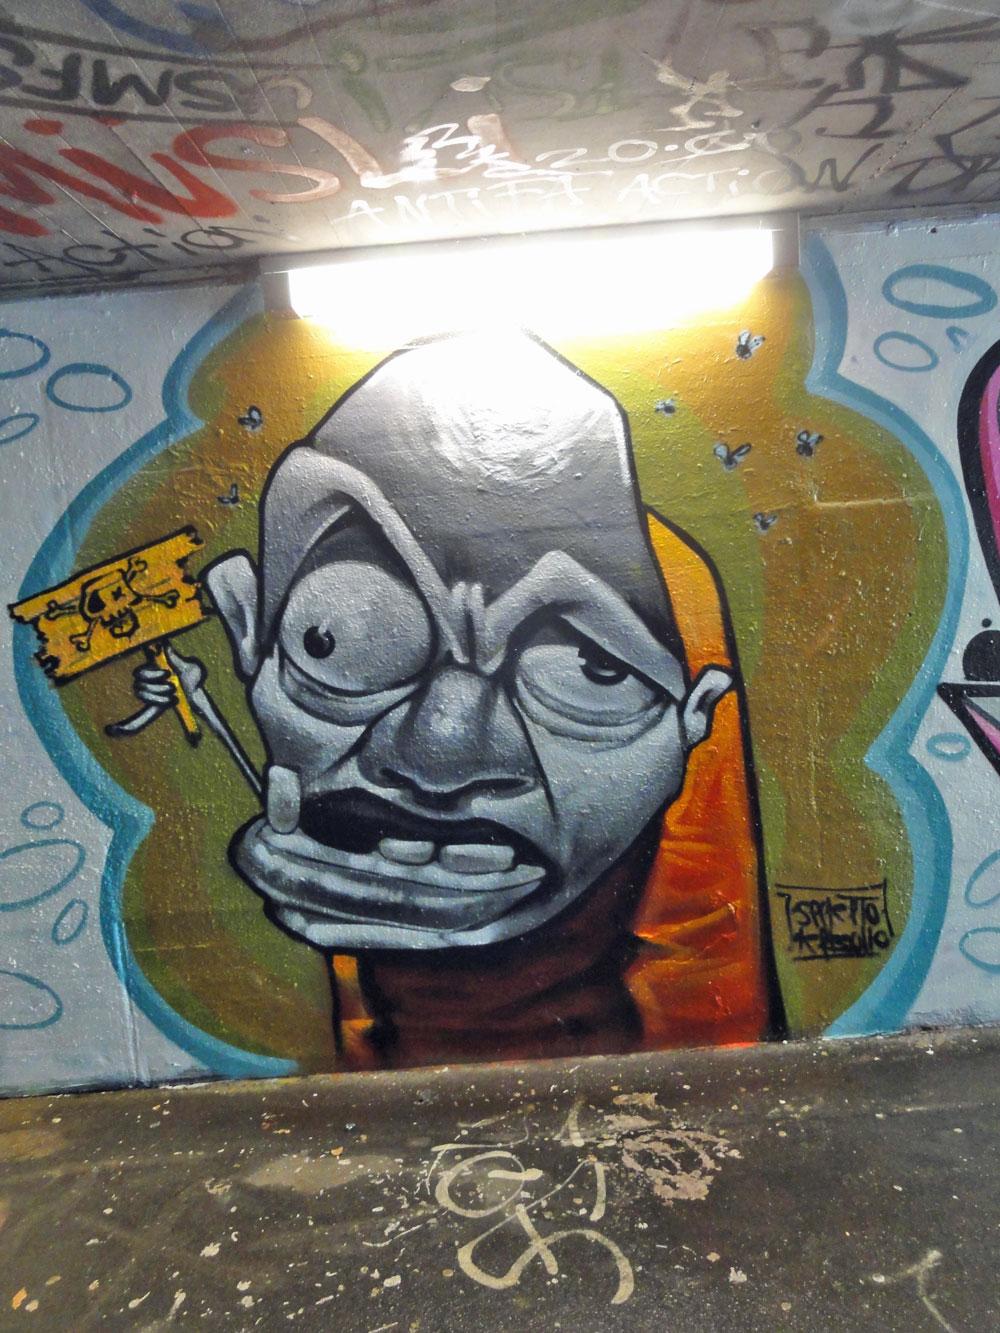 meeting-of-styles-2016-wiesbaden-graffiti-04